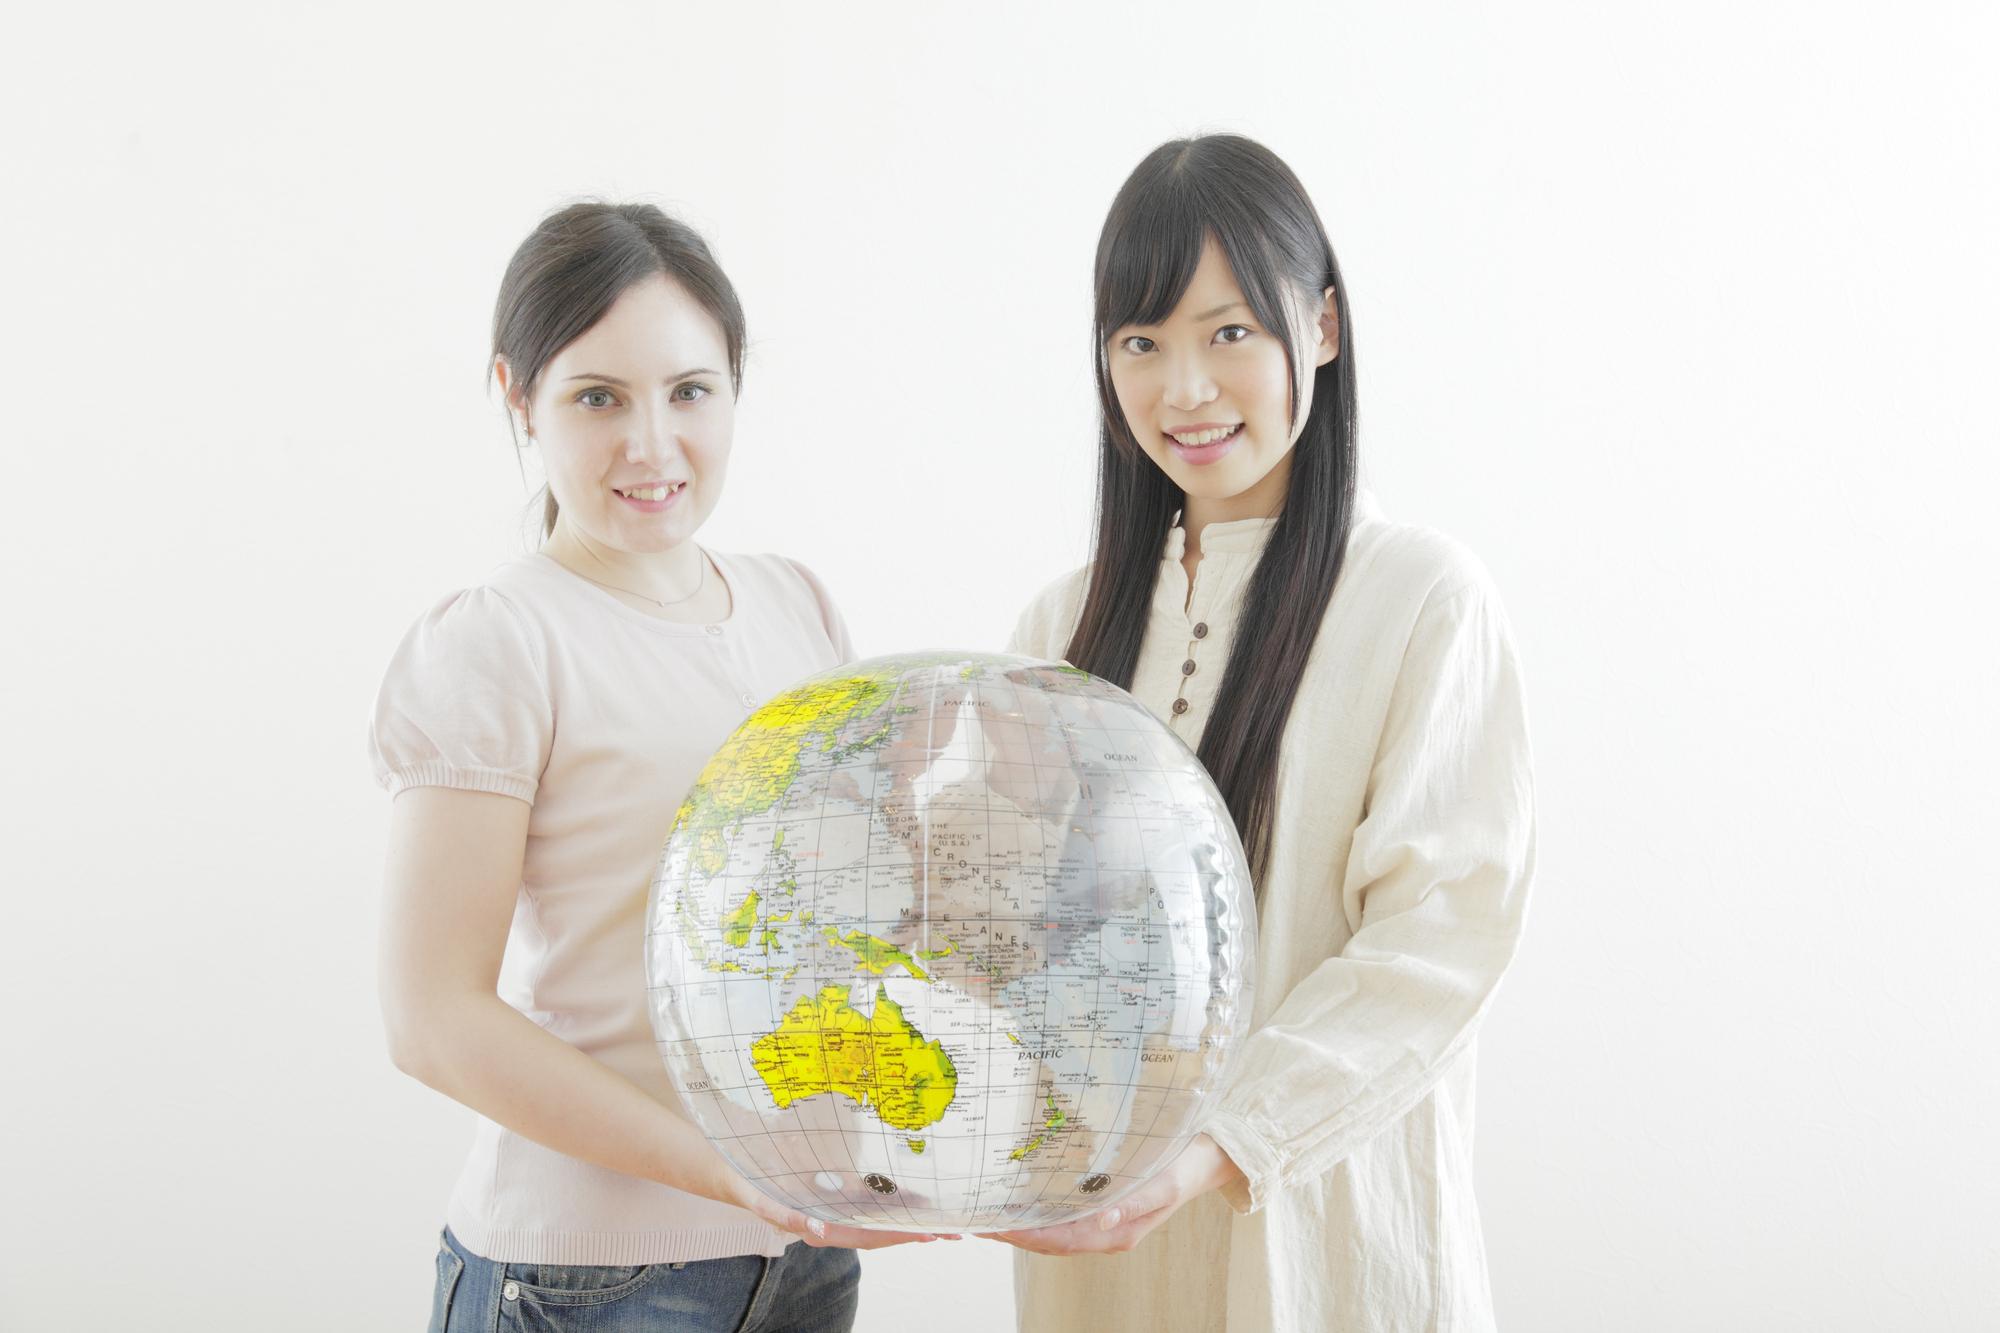 「留学すれば何とかなる」は、100年時代遅れ